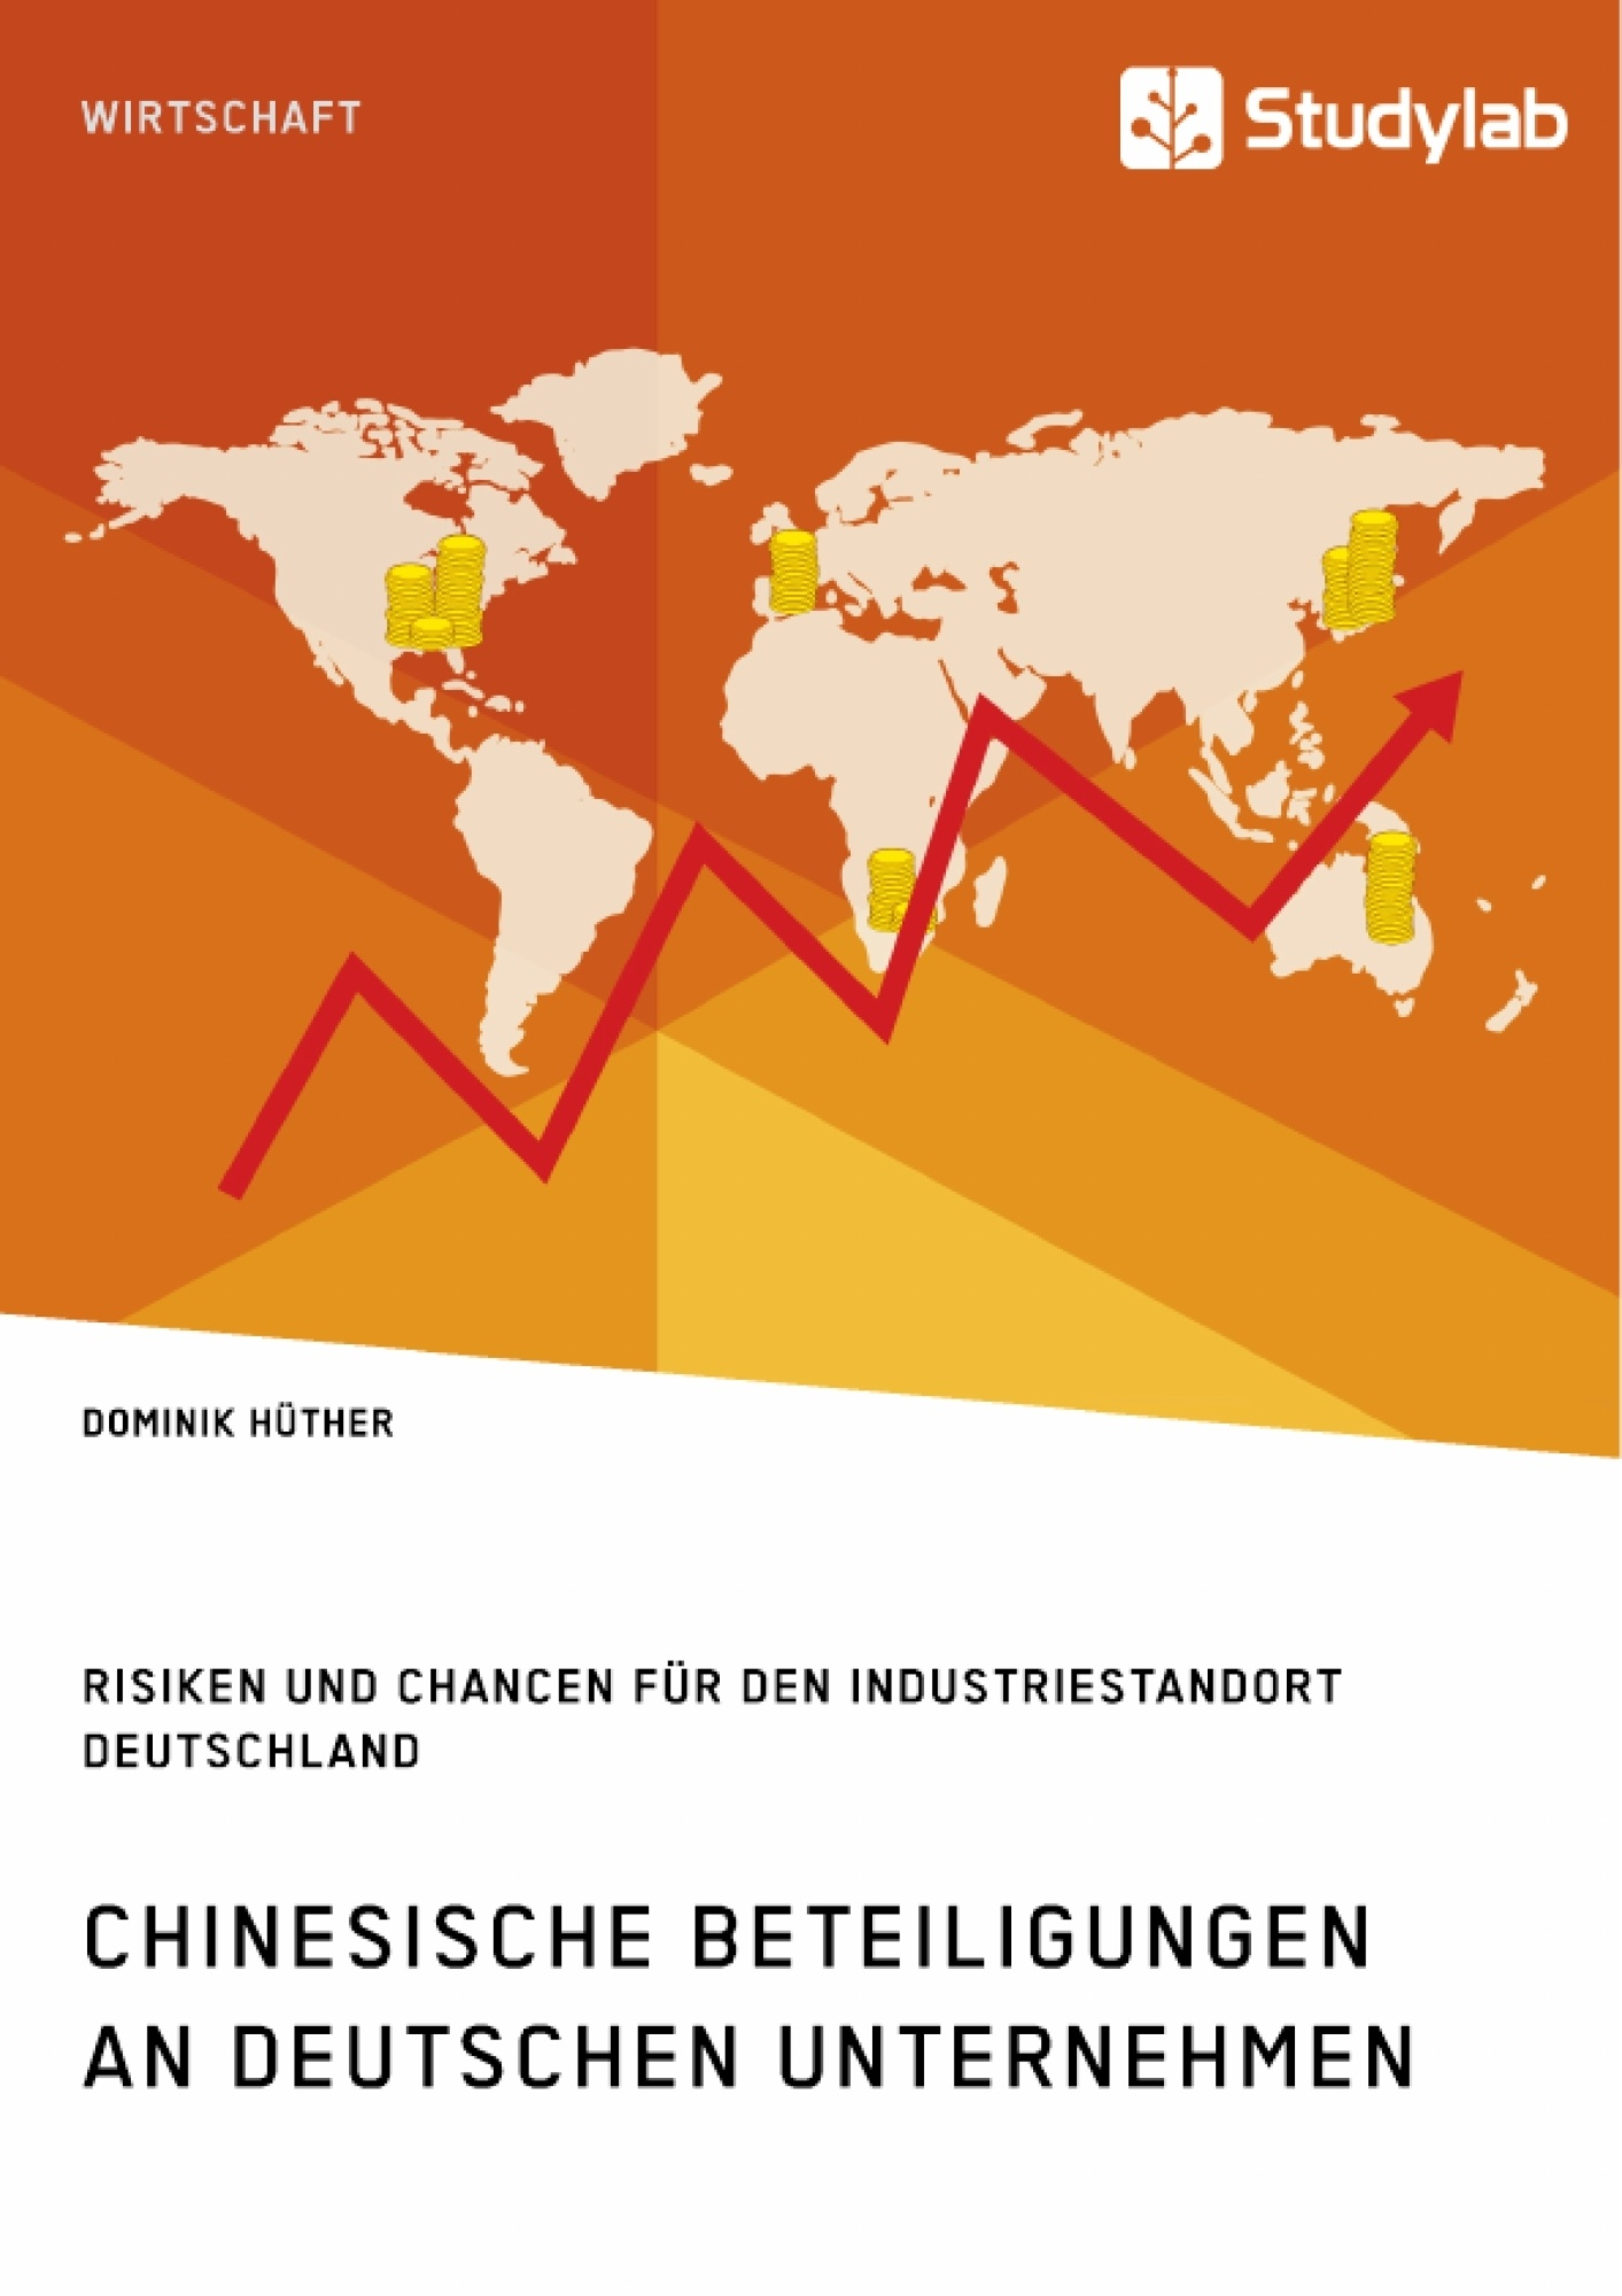 Titel: Chinesische Beteiligungen an deutschen Unternehmen. Risiken und Chancen für den Industriestandort Deutschland